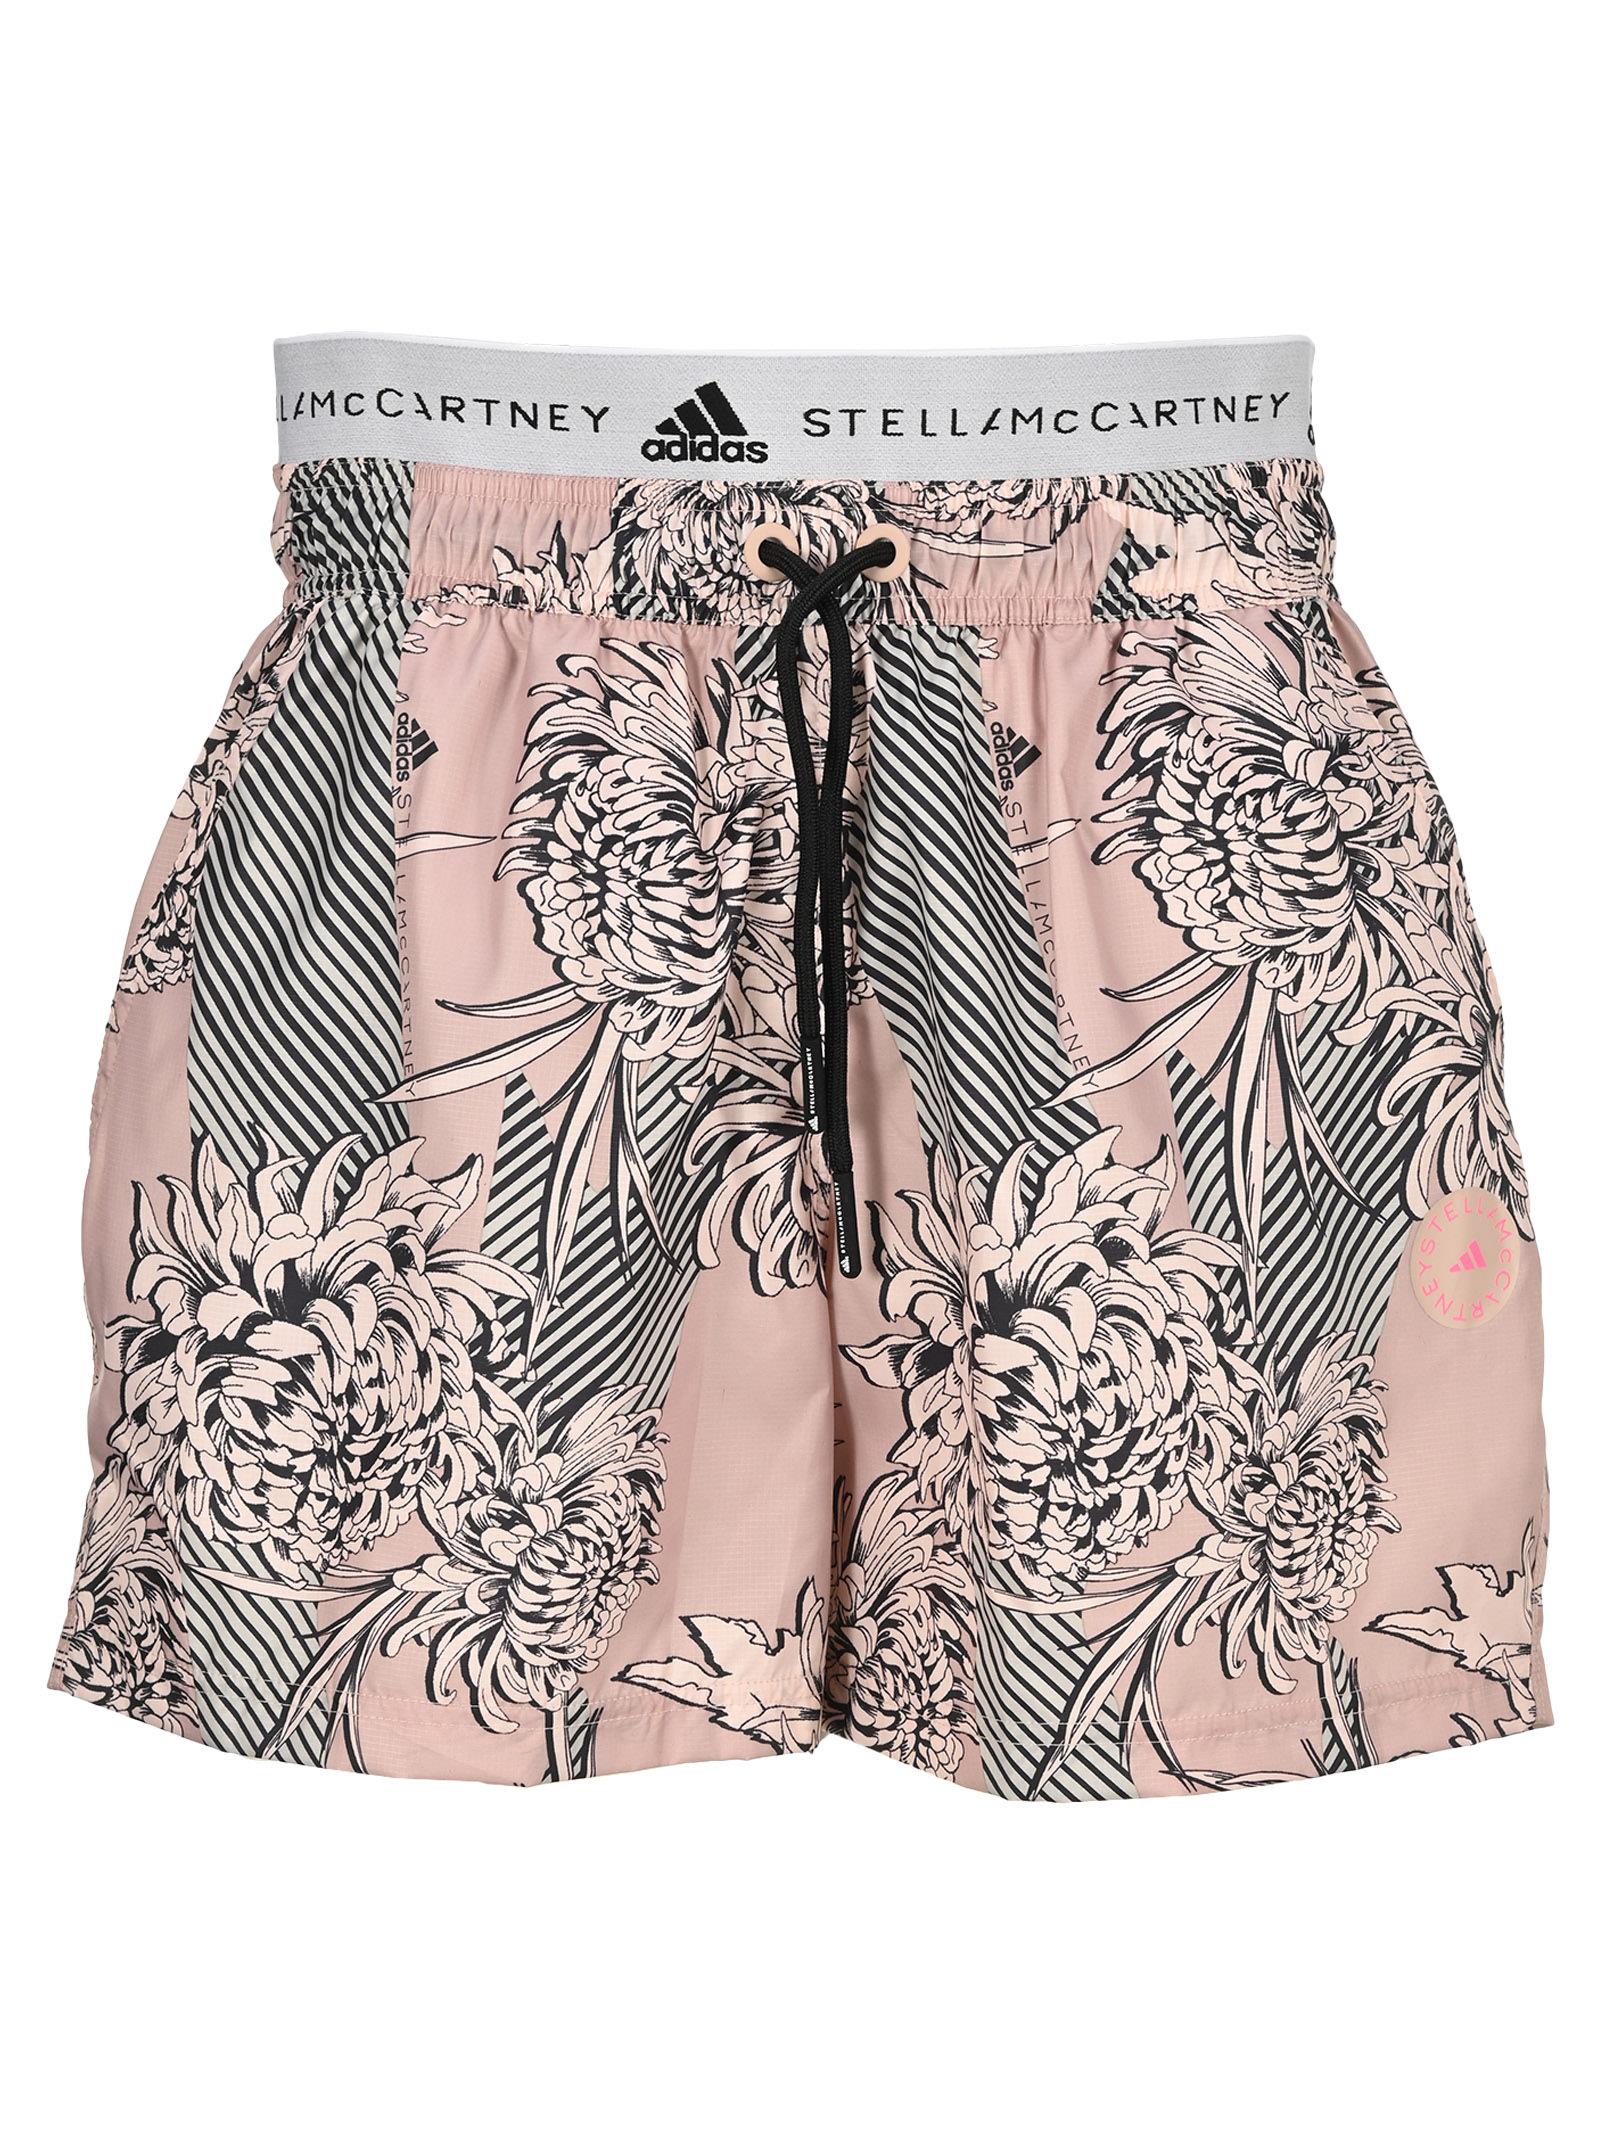 Adidas By Stella Mccartney ADIDAS BY STELLA MCCARTNEY FLOWER PRINT SHORTS